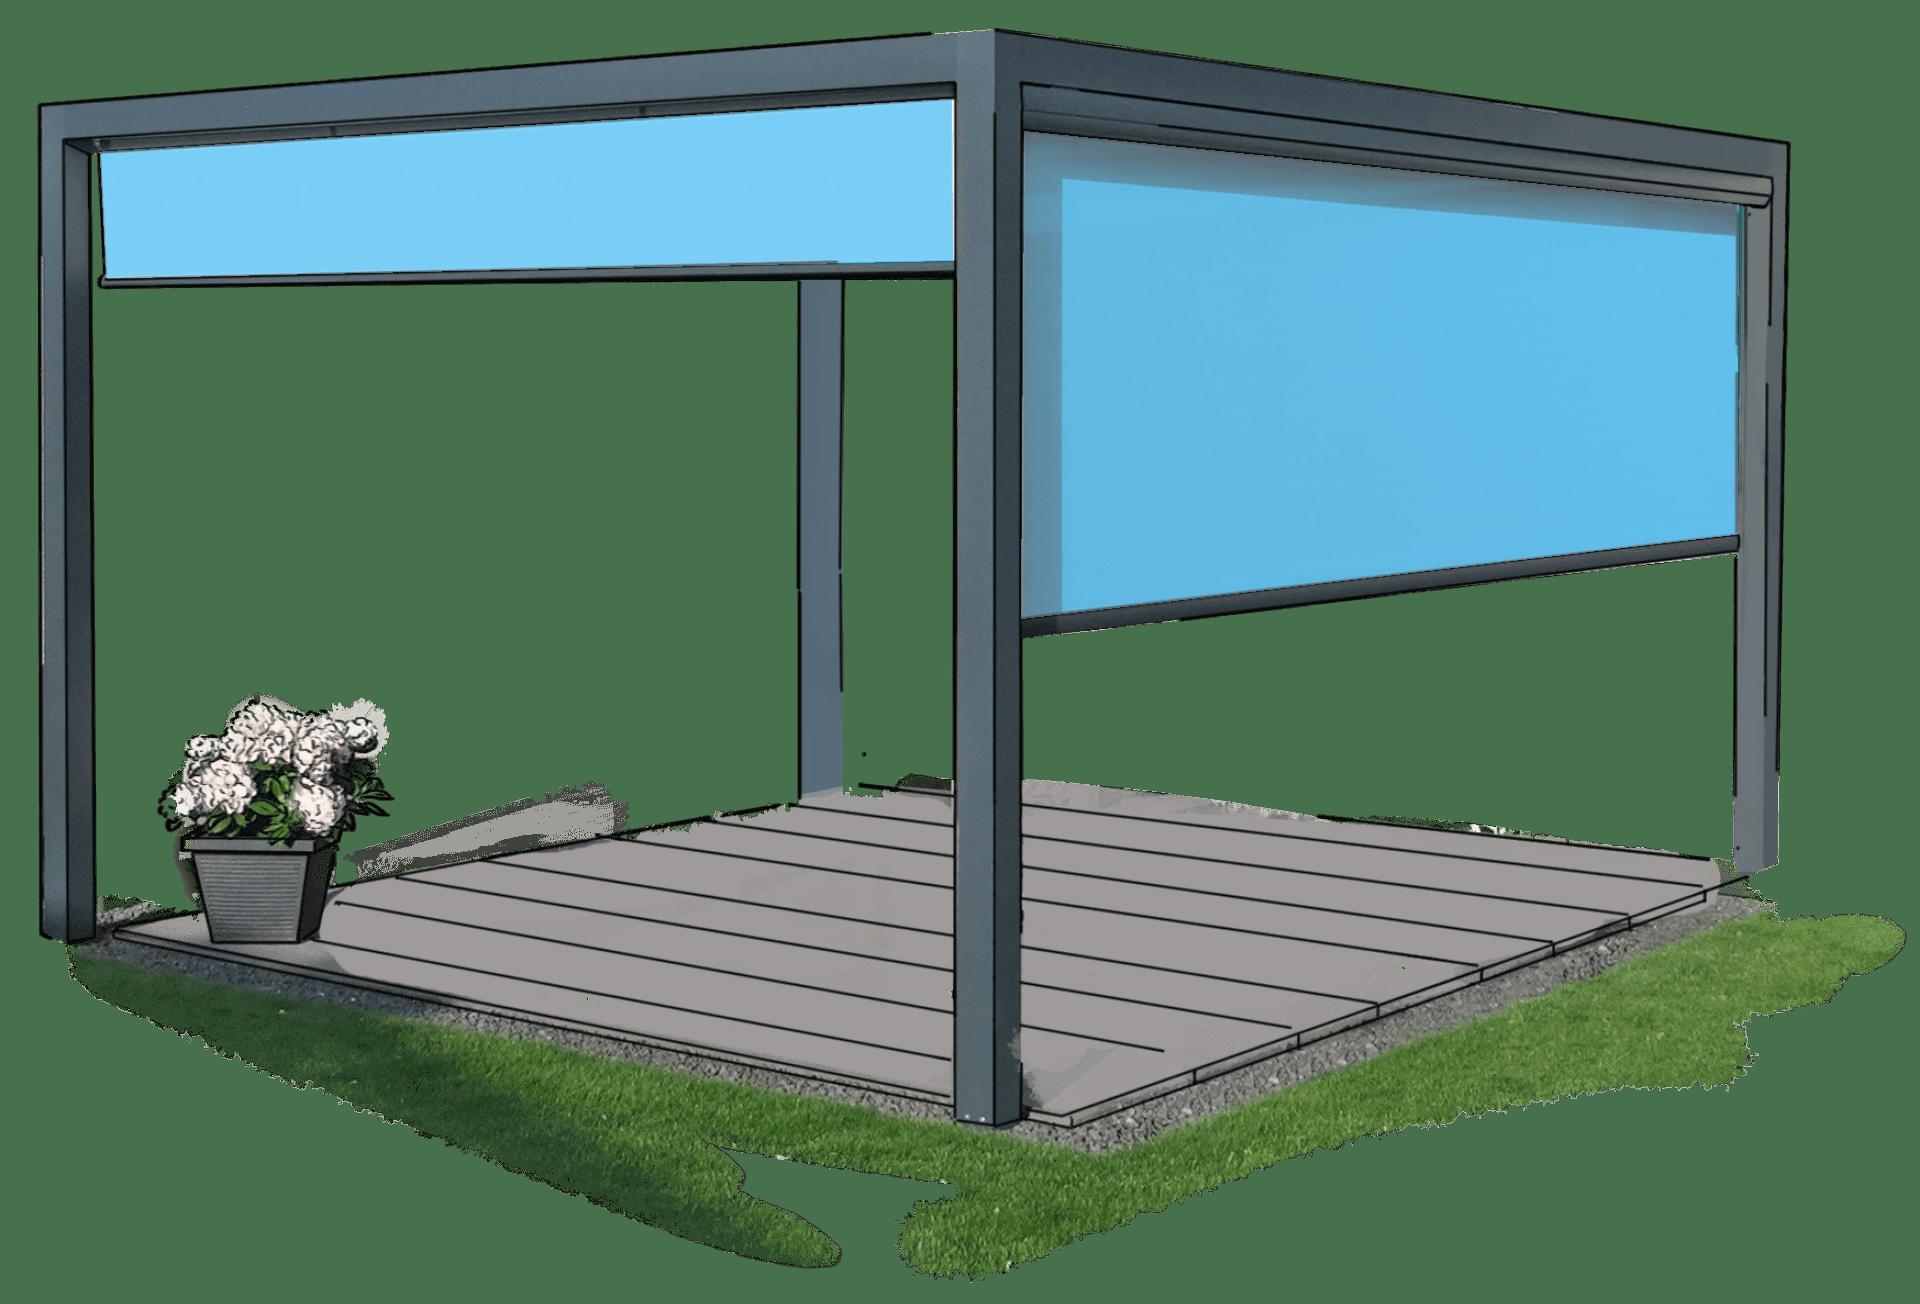 velero lounge beschattung zeichnung - Zanker Velero